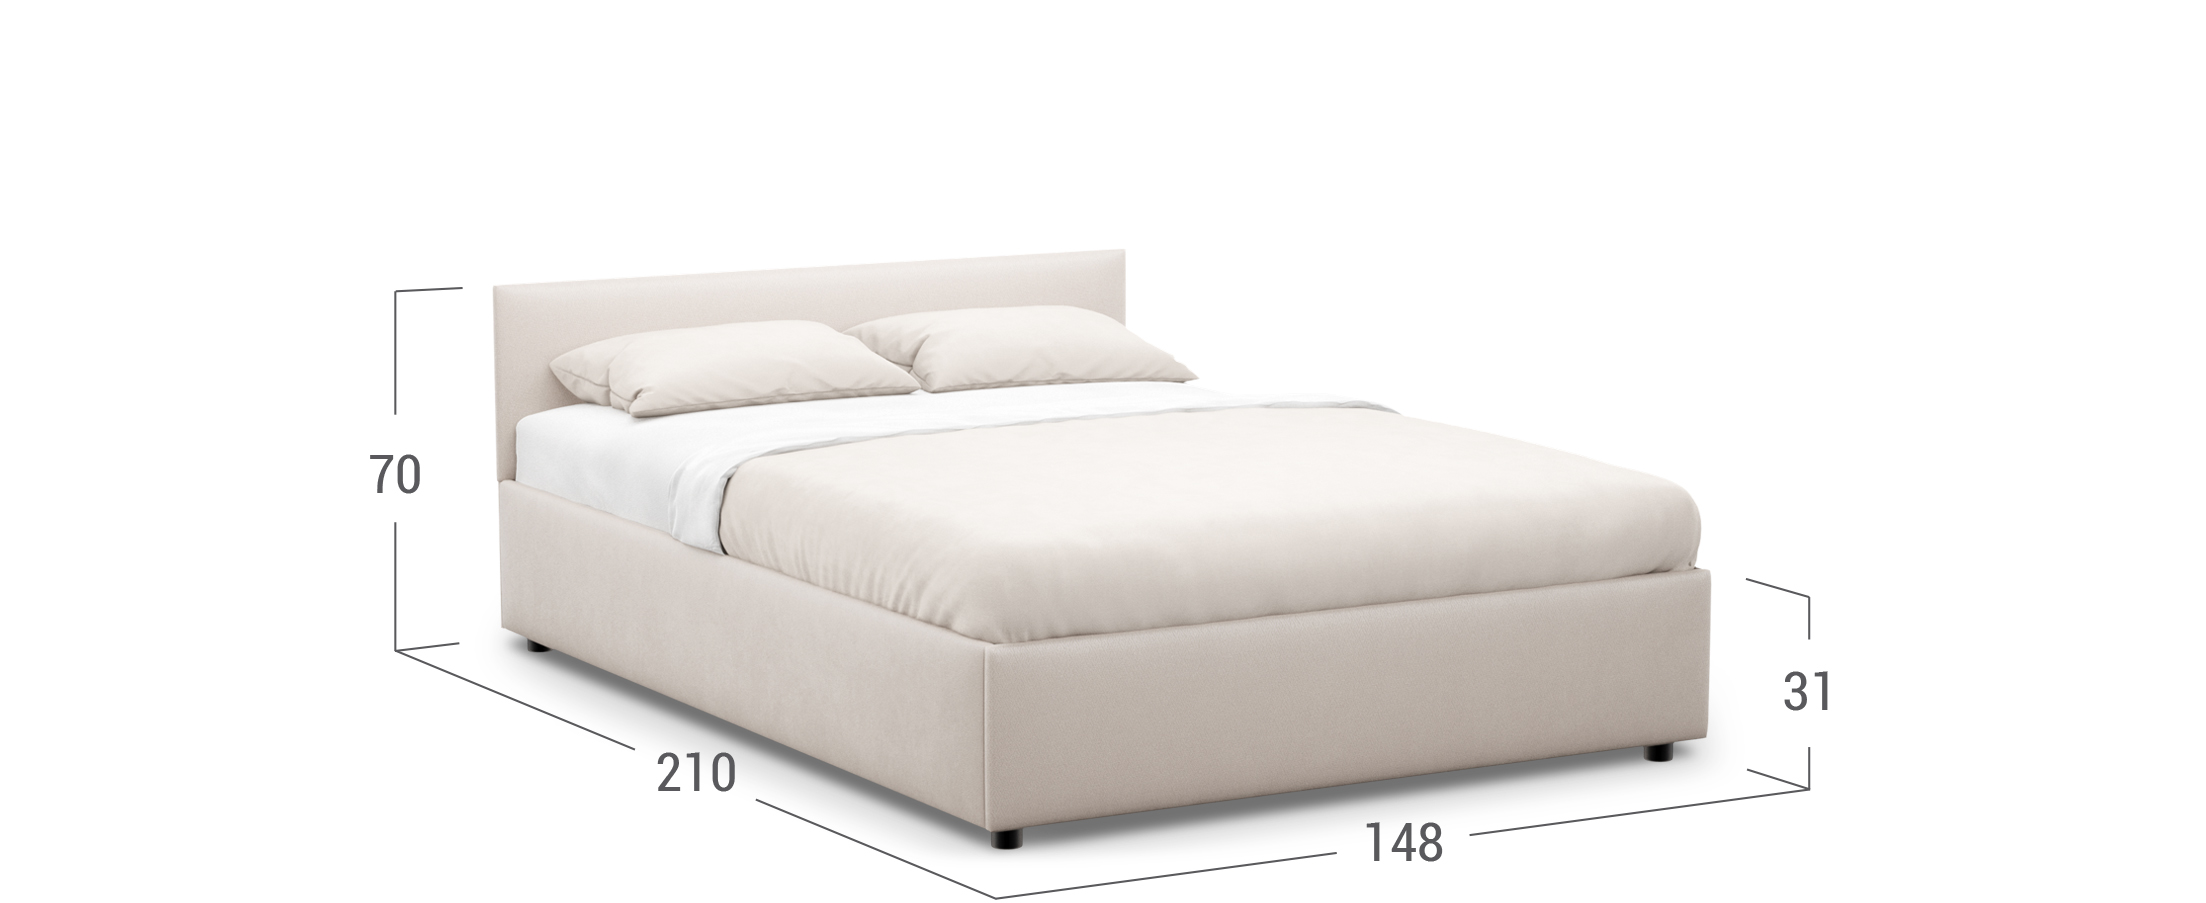 Кровать двуспальная Irida 140х200 Модель 1220